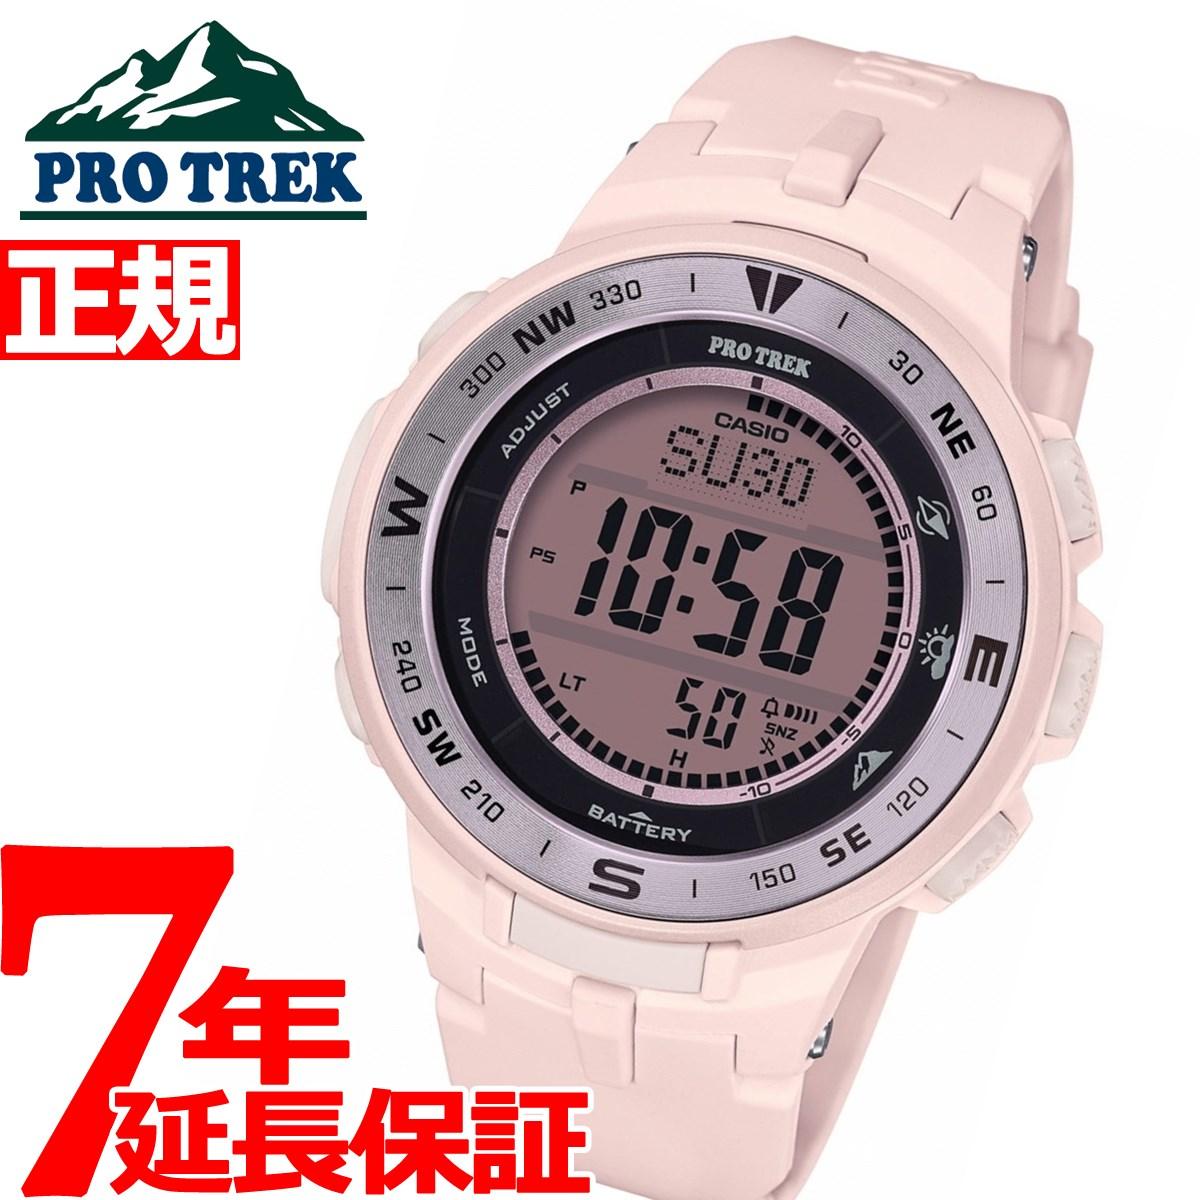 カシオ プロトレック CASIO PRO TREK ソーラー 腕時計 メンズ タフソーラー PRG-330-4JF【2018 新作】